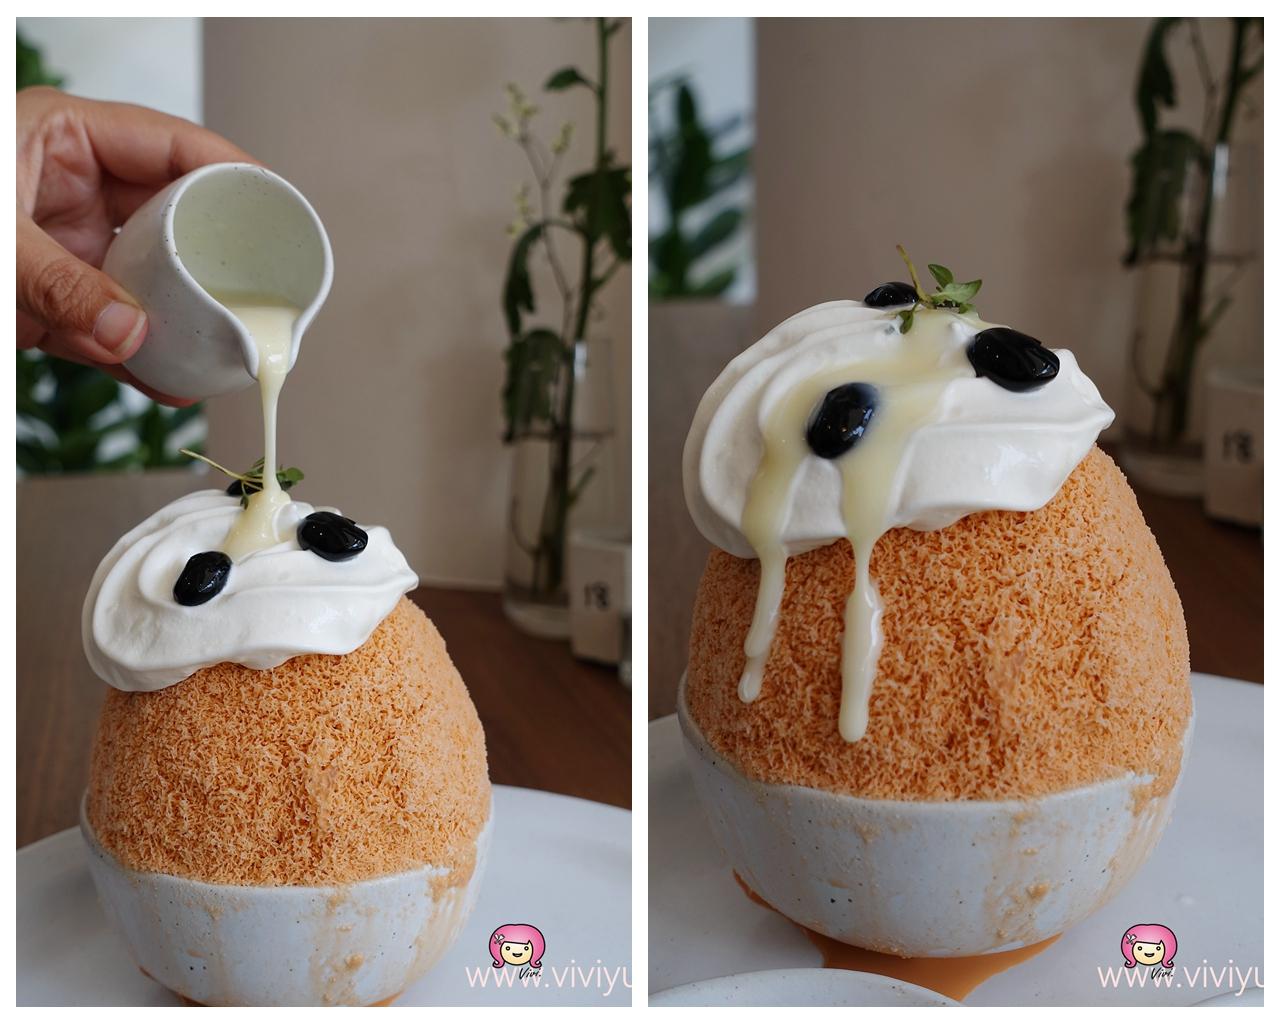 [台北美食]奇維奇娃 – Cheevit Cheeva Taipei~來自泰國清邁的冰品甜點店.香芒糯米冰酥 @VIVIYU小世界